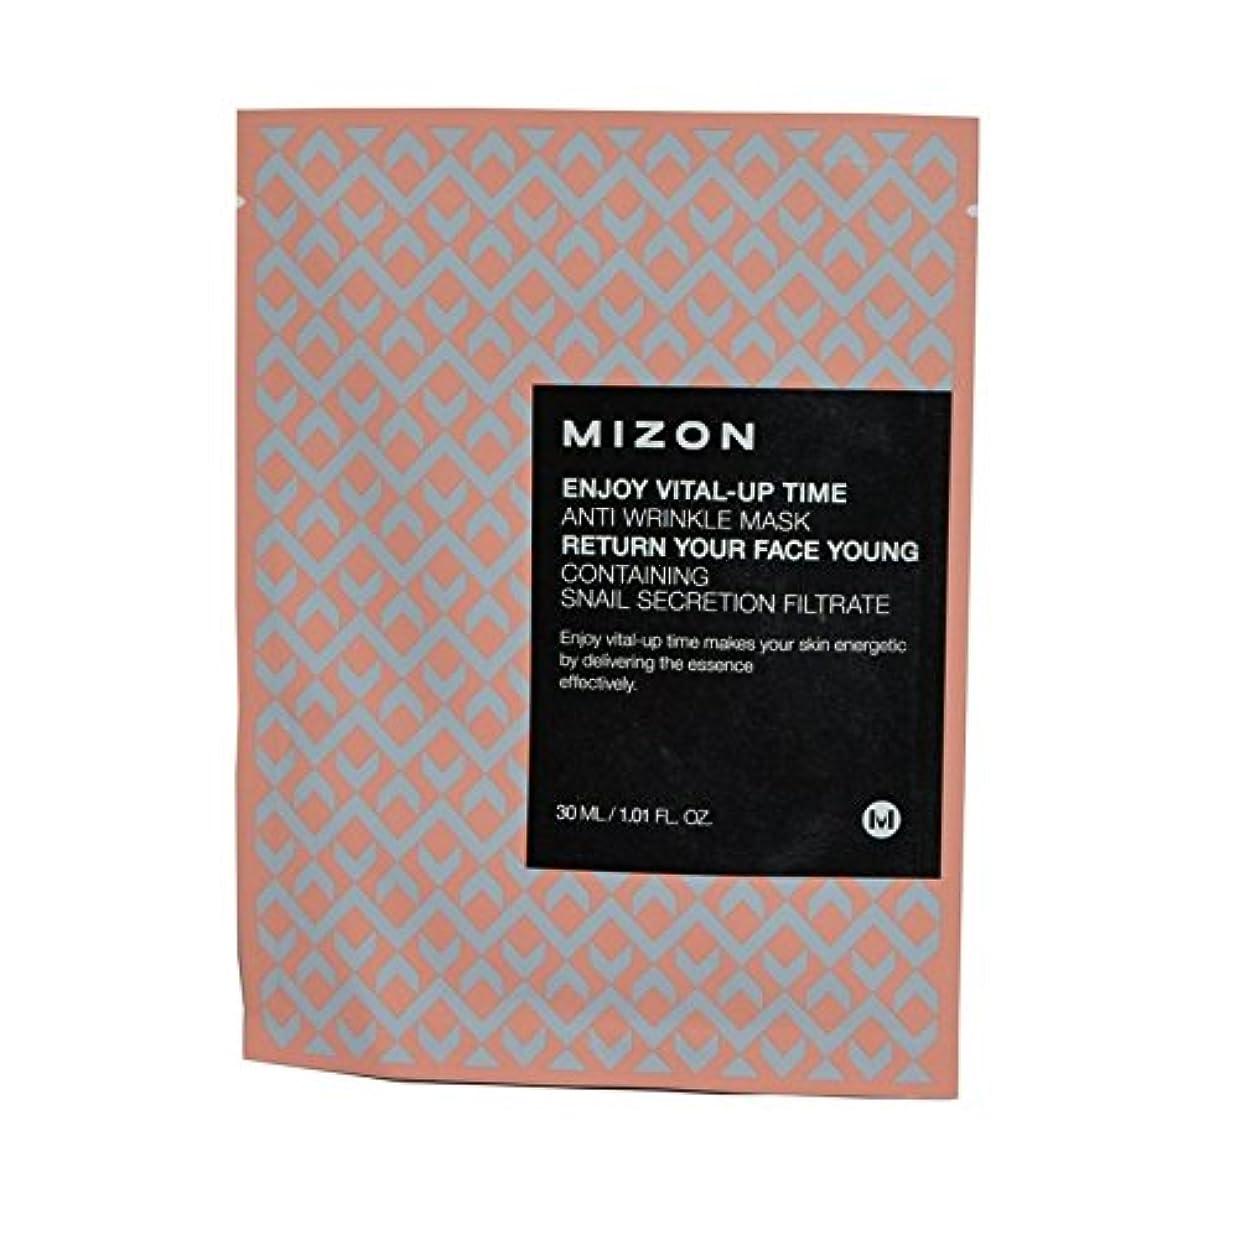 ヤング中性特定のが不可欠アップ時間抗しわマスクを楽しみます x2 - Mizon Enjoy Vital Up Time Anti-Wrinkle Mask (Pack of 2) [並行輸入品]